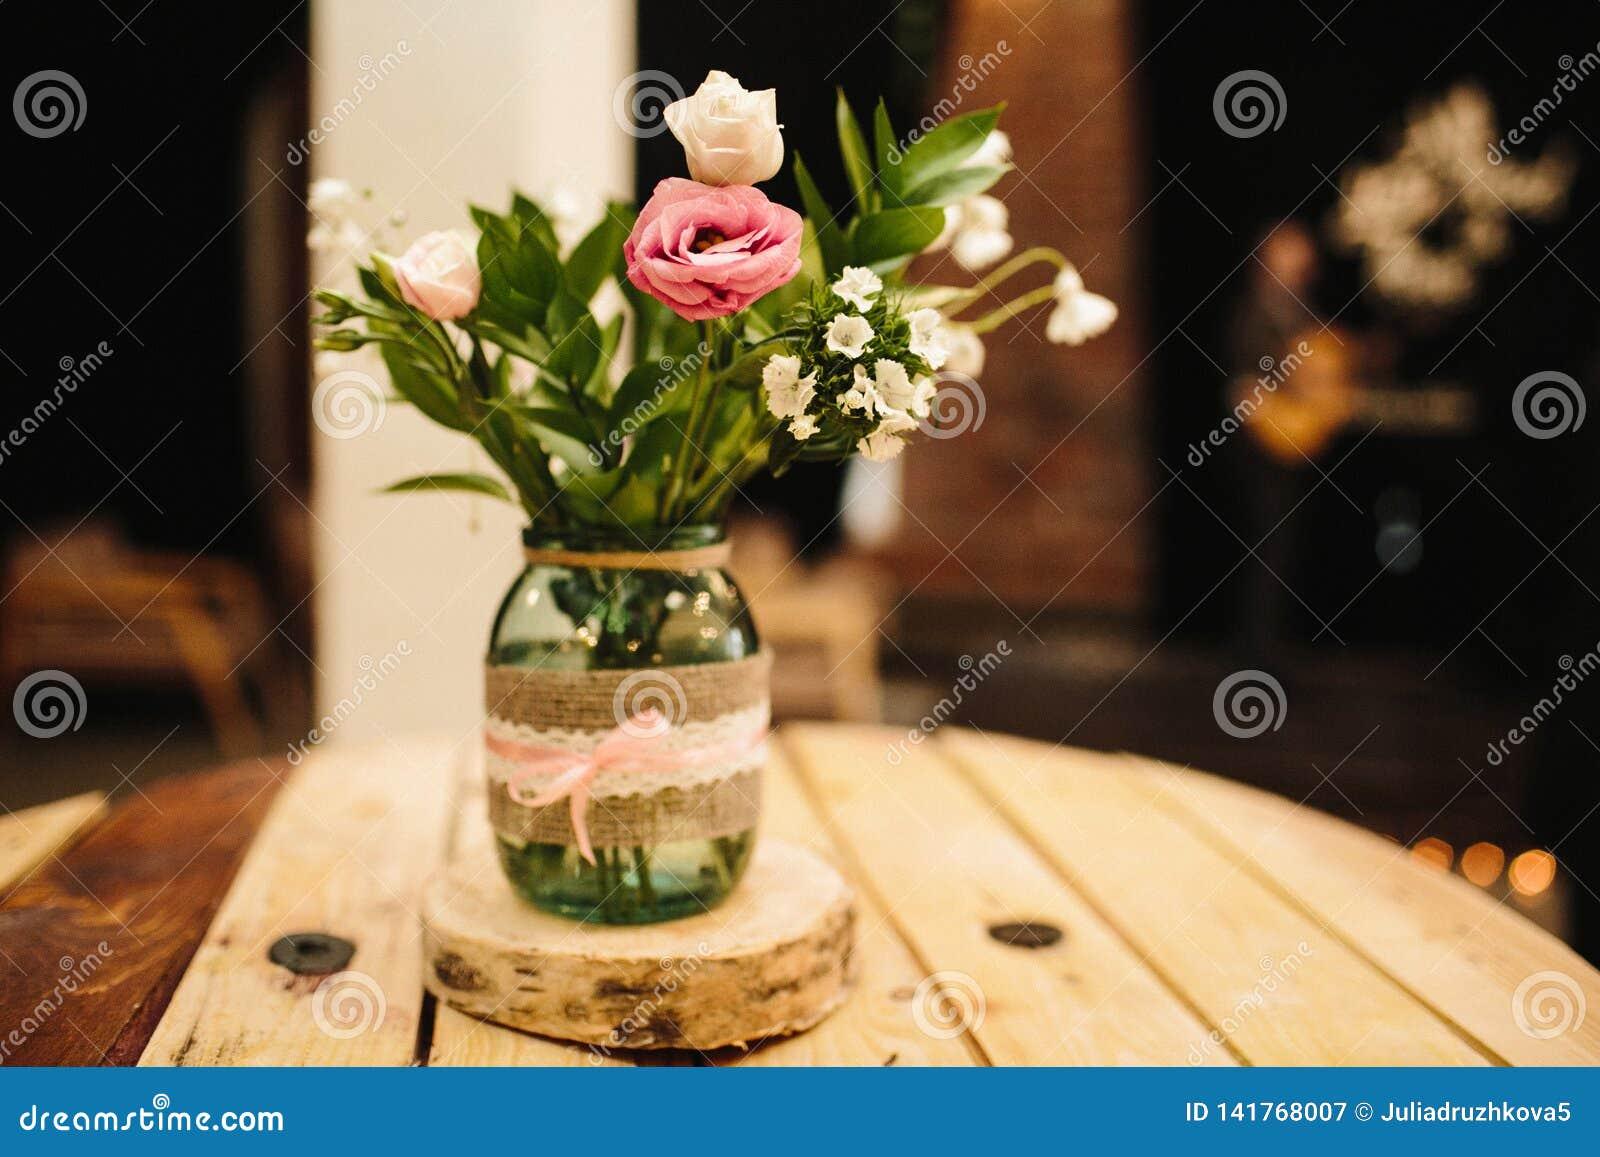 Un ramo de flores está en el banco, la rosa está en el foco, todo lo demás es un poco borroso